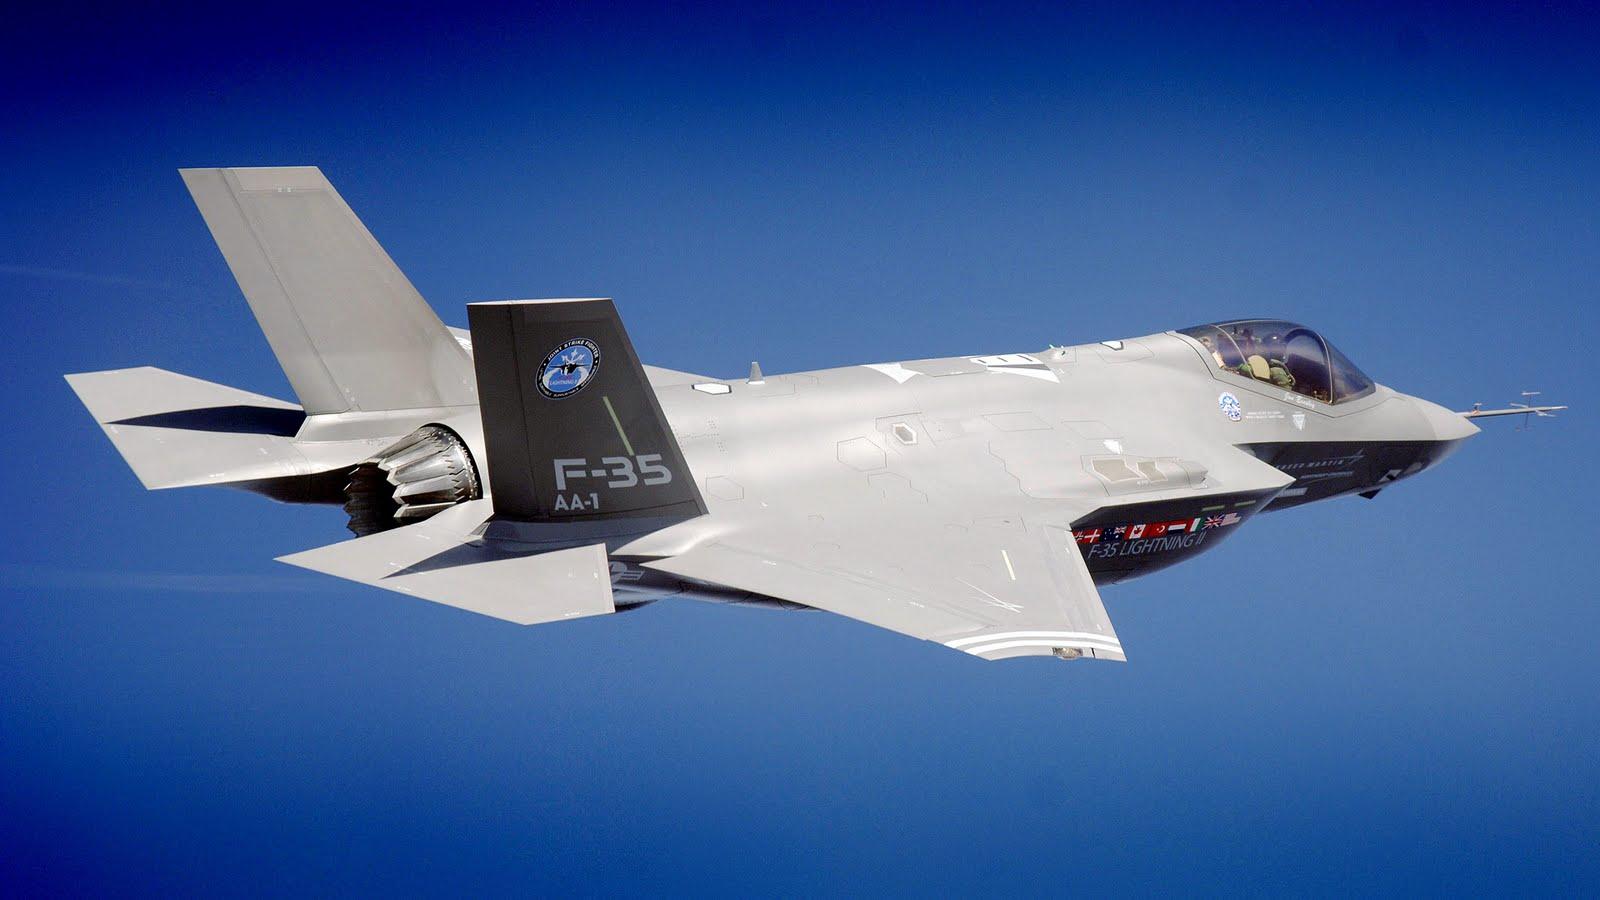 http://4.bp.blogspot.com/-ryvuJu_ngsA/Ta3tDb-2bII/AAAAAAAABuQ/LMJi3VelL-A/s1600/f+35+fighter+jet+by+jet+planes+%25286%2529.jpg